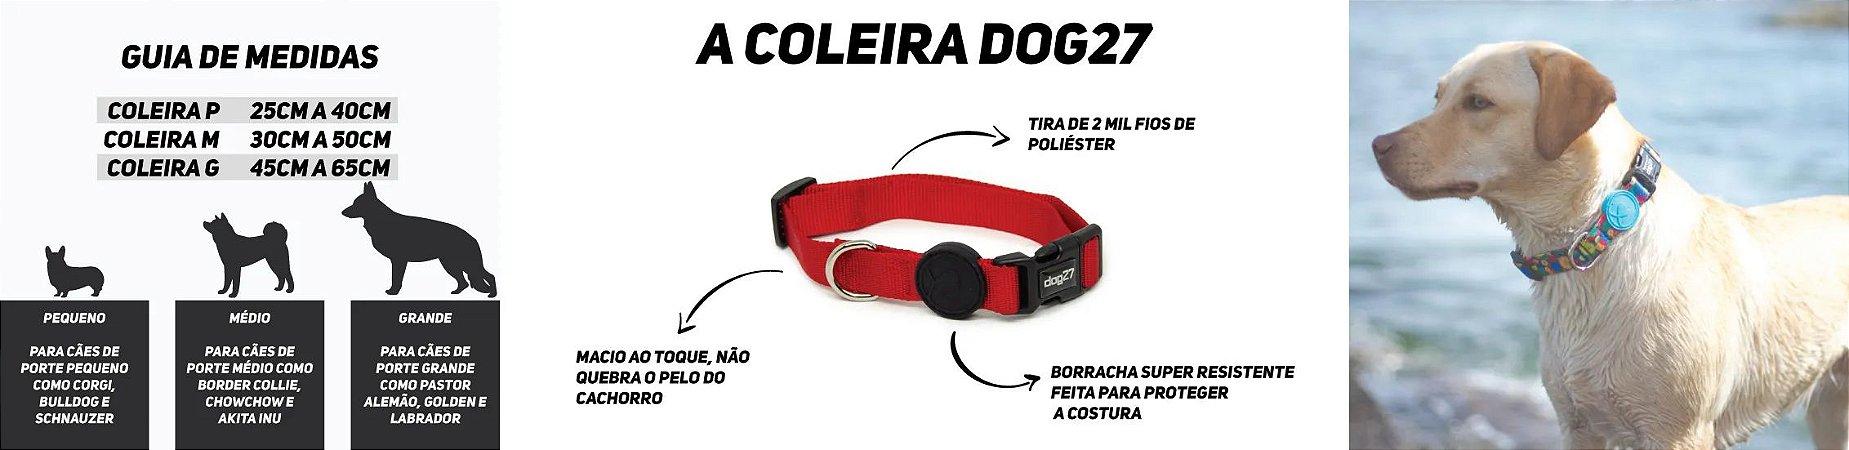 COLEIRA PARA CACHORROS DOG27 DAISY - TAMANHO M